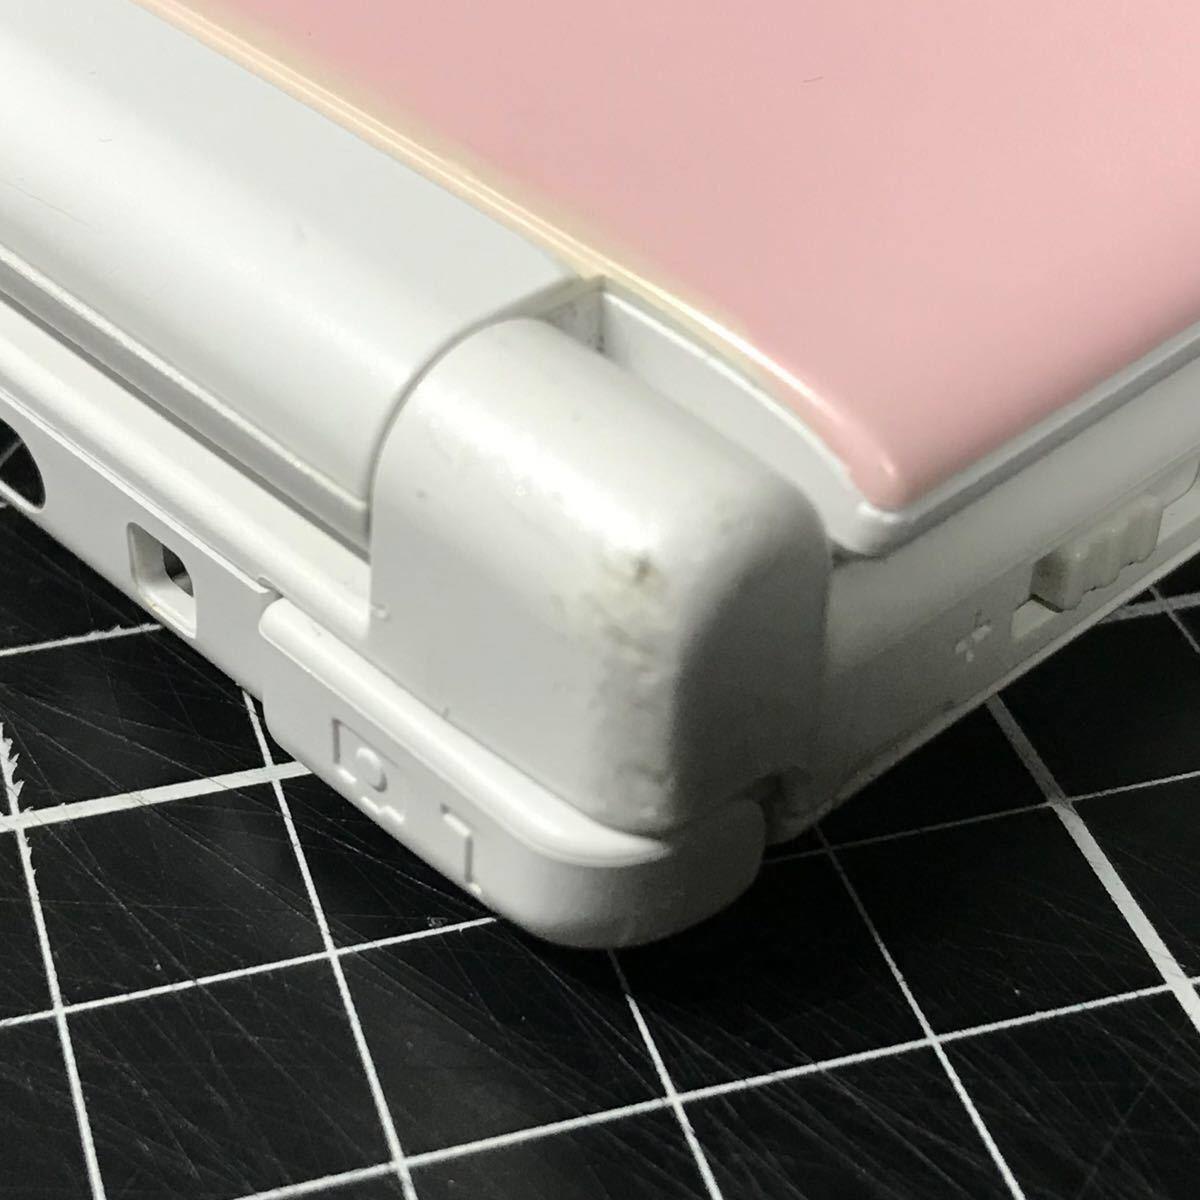 ニンテンドー3DS LL ピンク×ホワイト 良品 動作確認 アルコール清掃済み